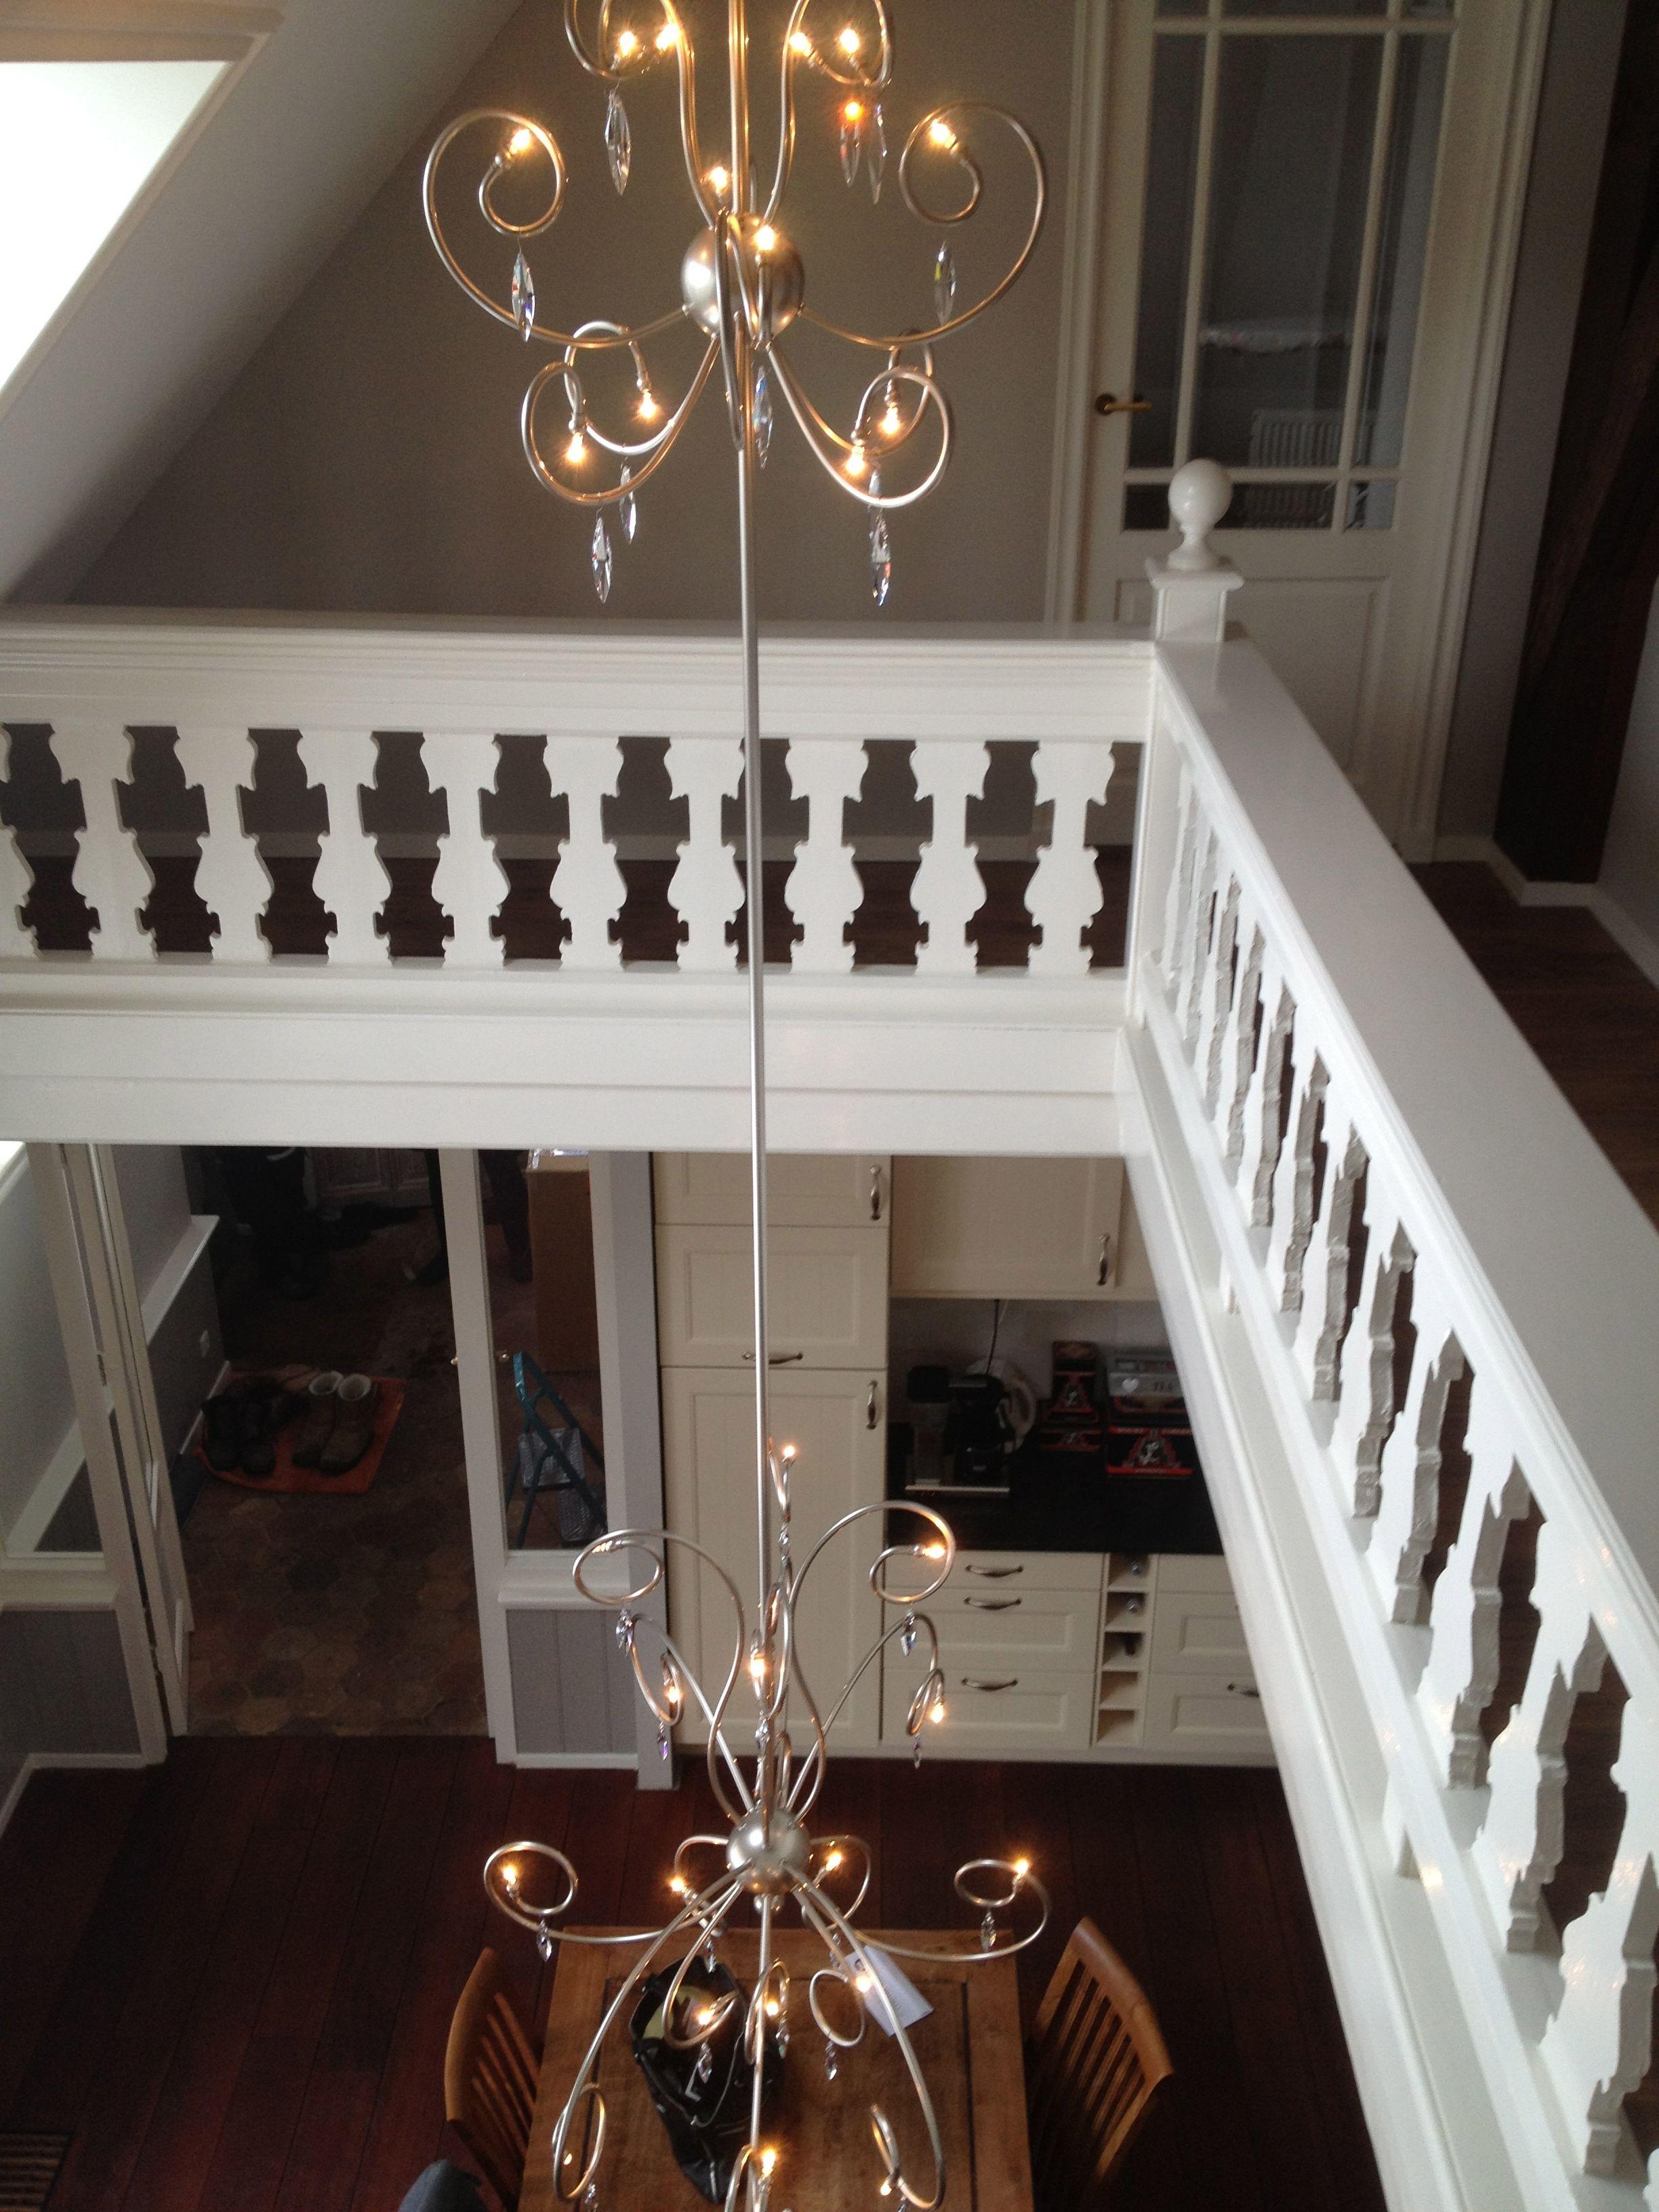 klassieke verlichting vide - Google zoeken | Ideeën voor thuis ...